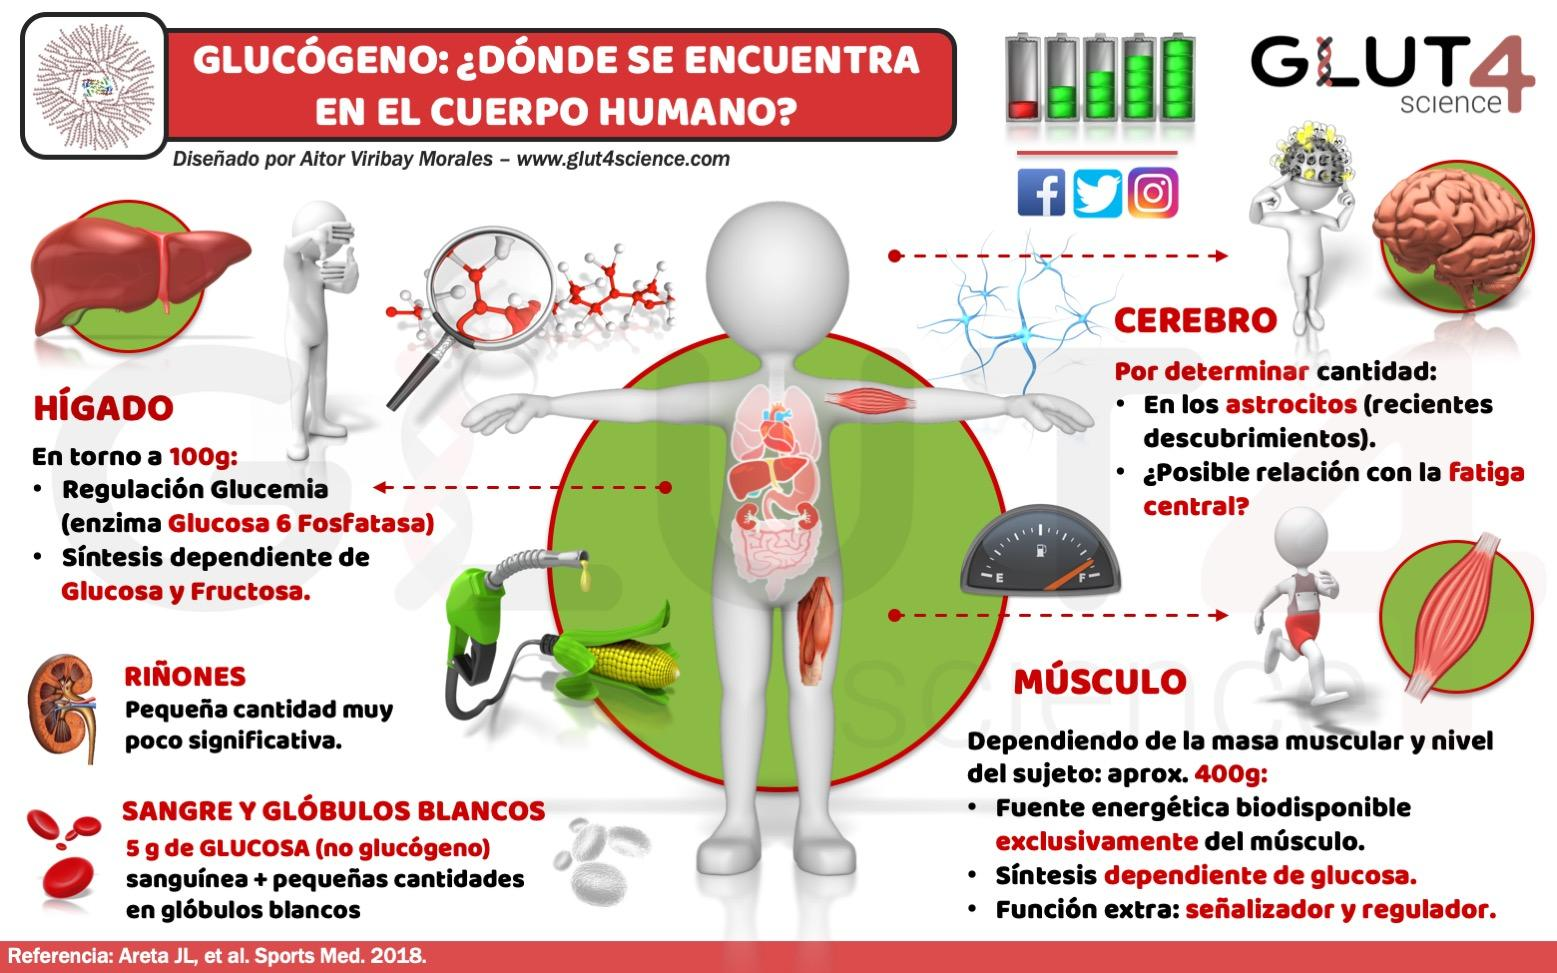 Glucógeno en el Cuerpo Humano